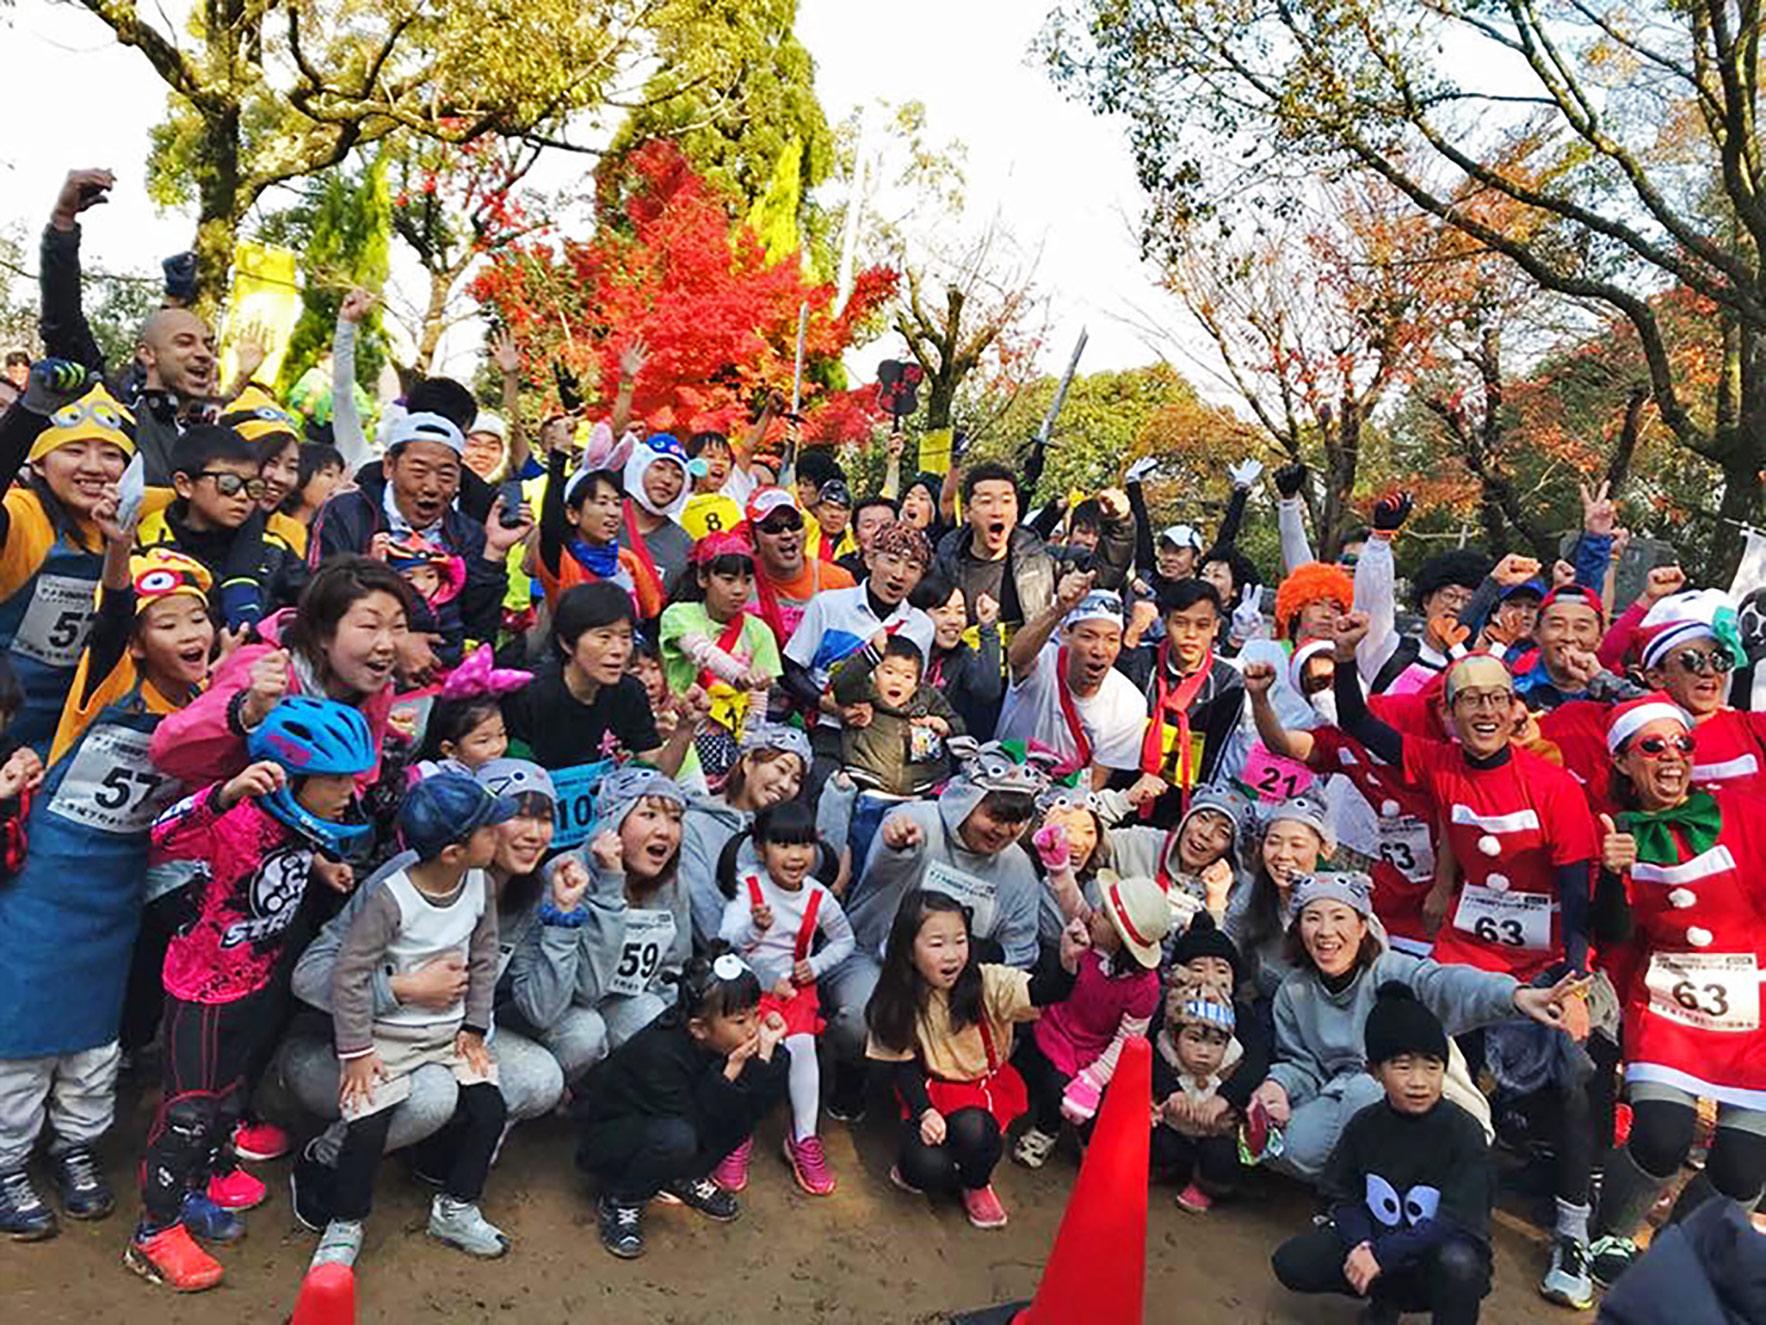 """リレーマラソン「三木ナメラン」で盛り上がる参加者たち。実力や成績ではなく""""みんなが楽しめる""""ことを大切にするイベントを企画している。"""